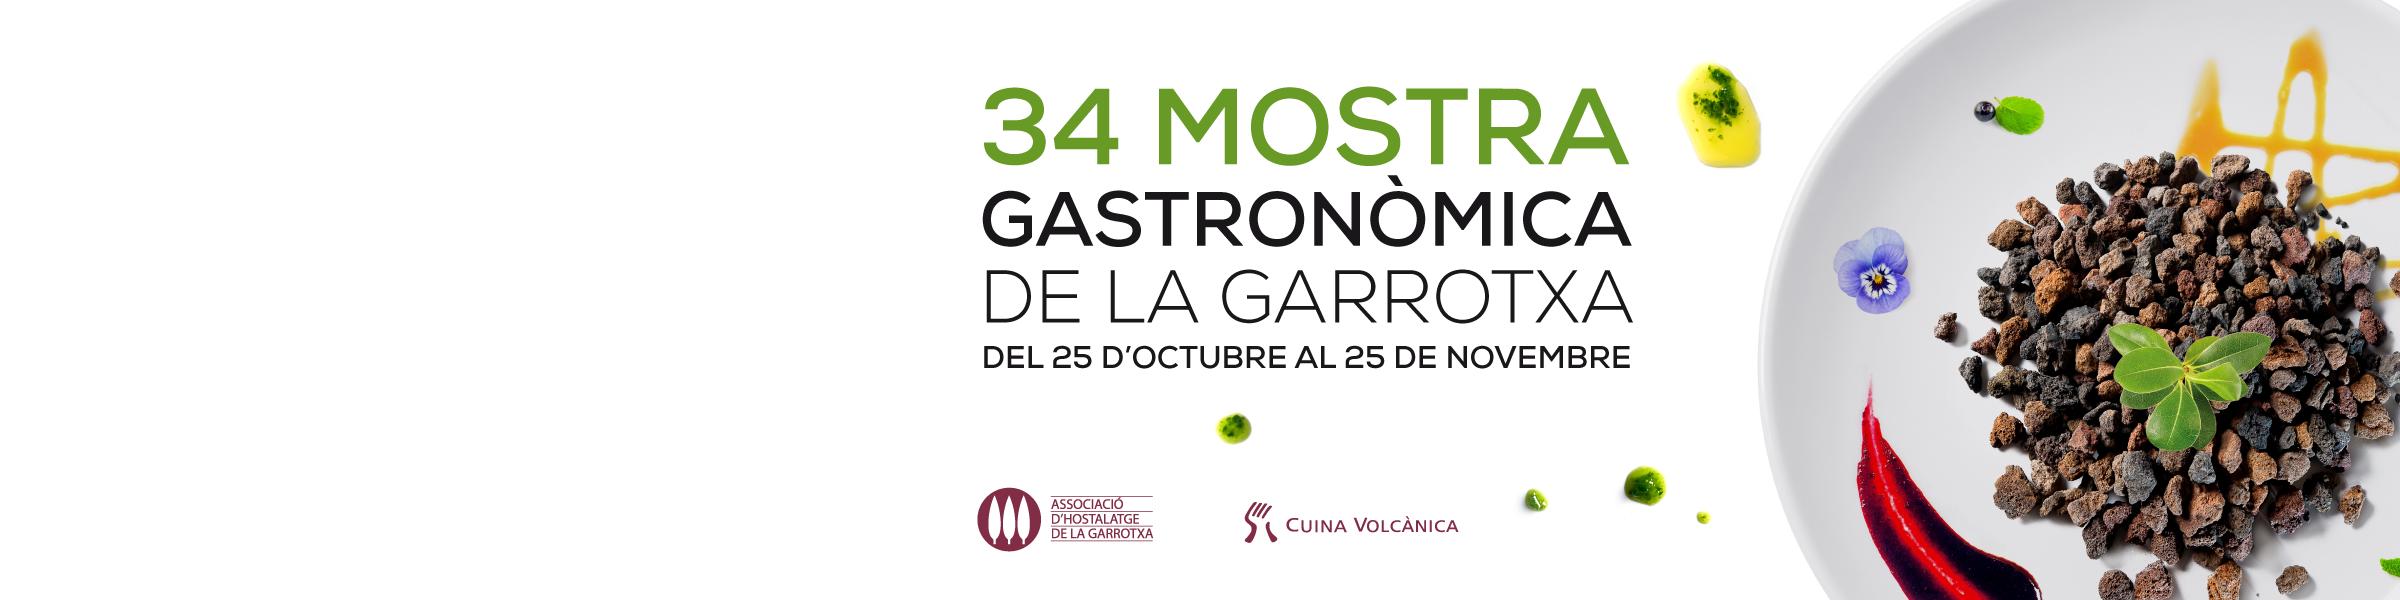 34 Mostra Gastronòmica de la Garrotxa